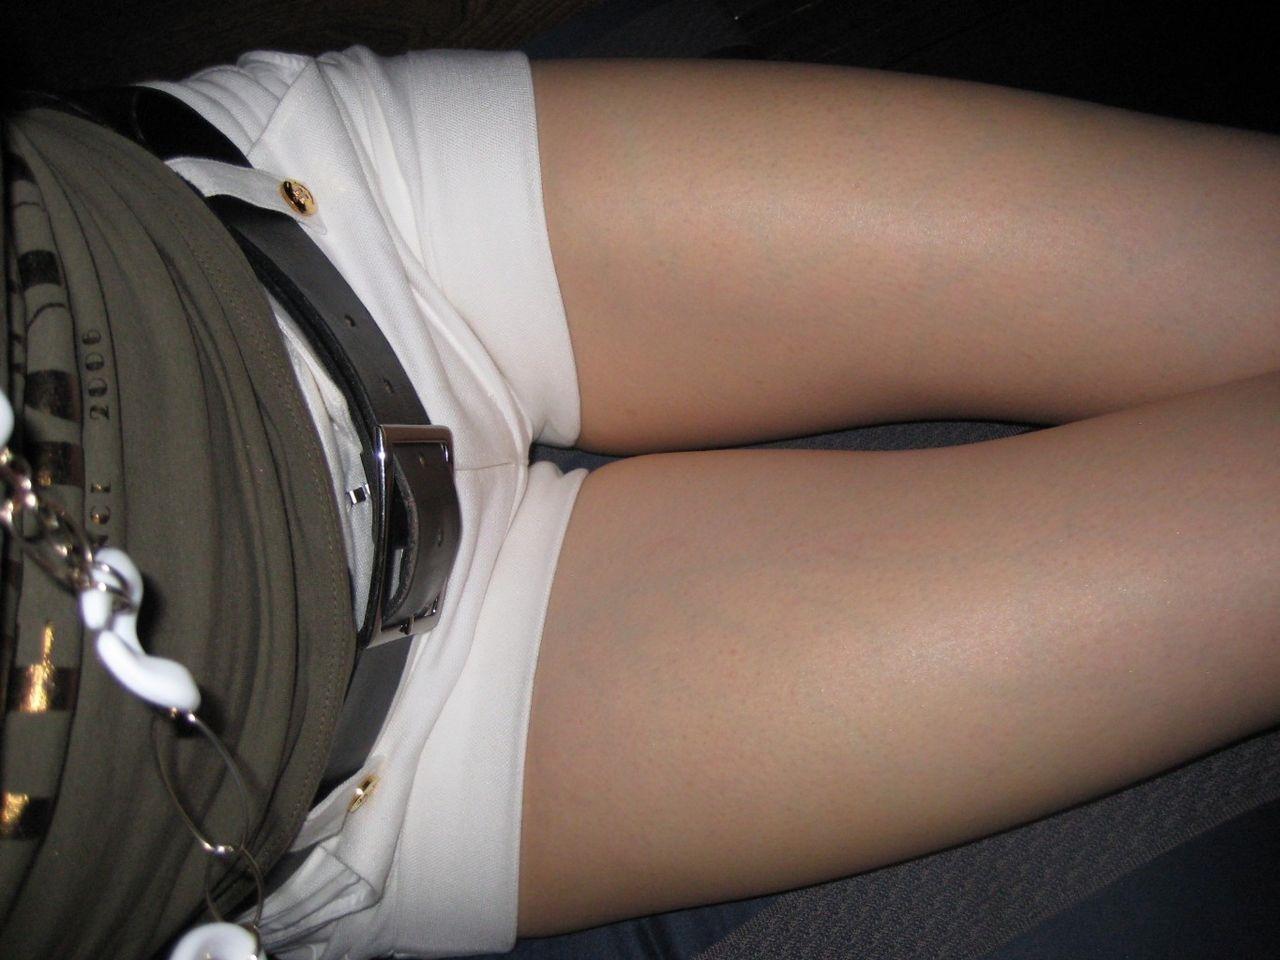 運転席 助手席 脚 太もも 車内 エロ画像【24】